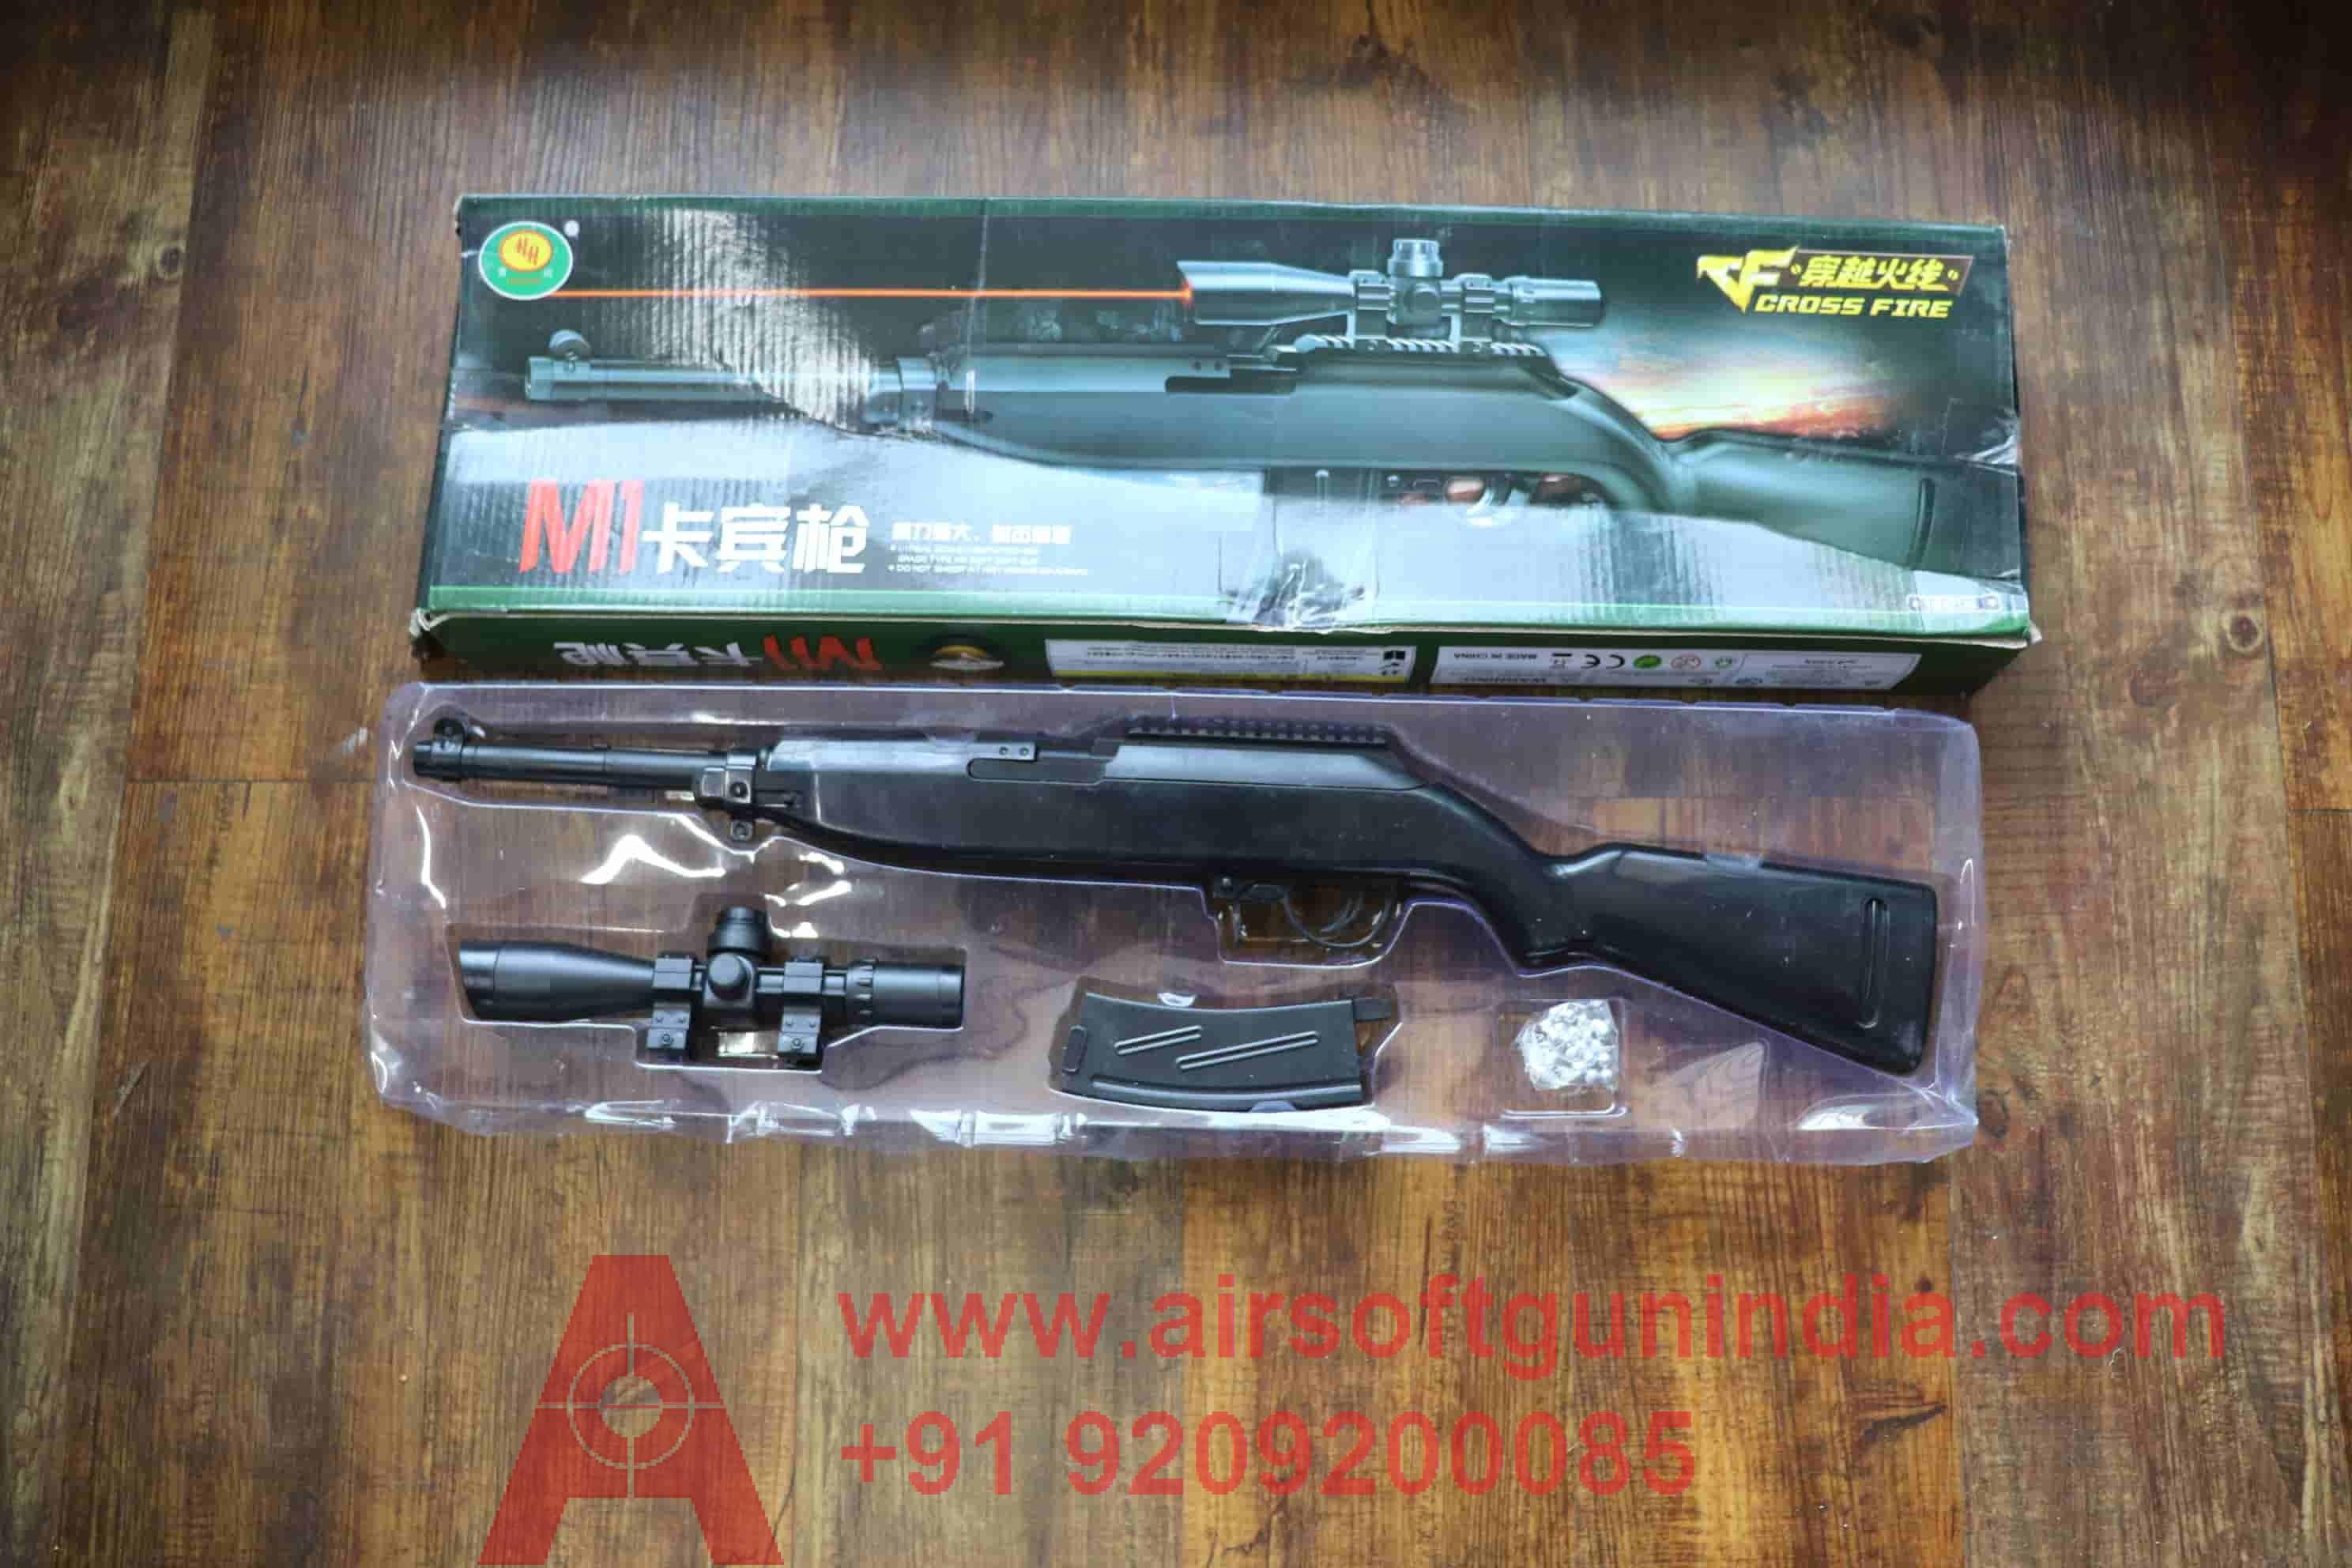 Vcross M1A Airsoft Rifle By Airsoft Gun India